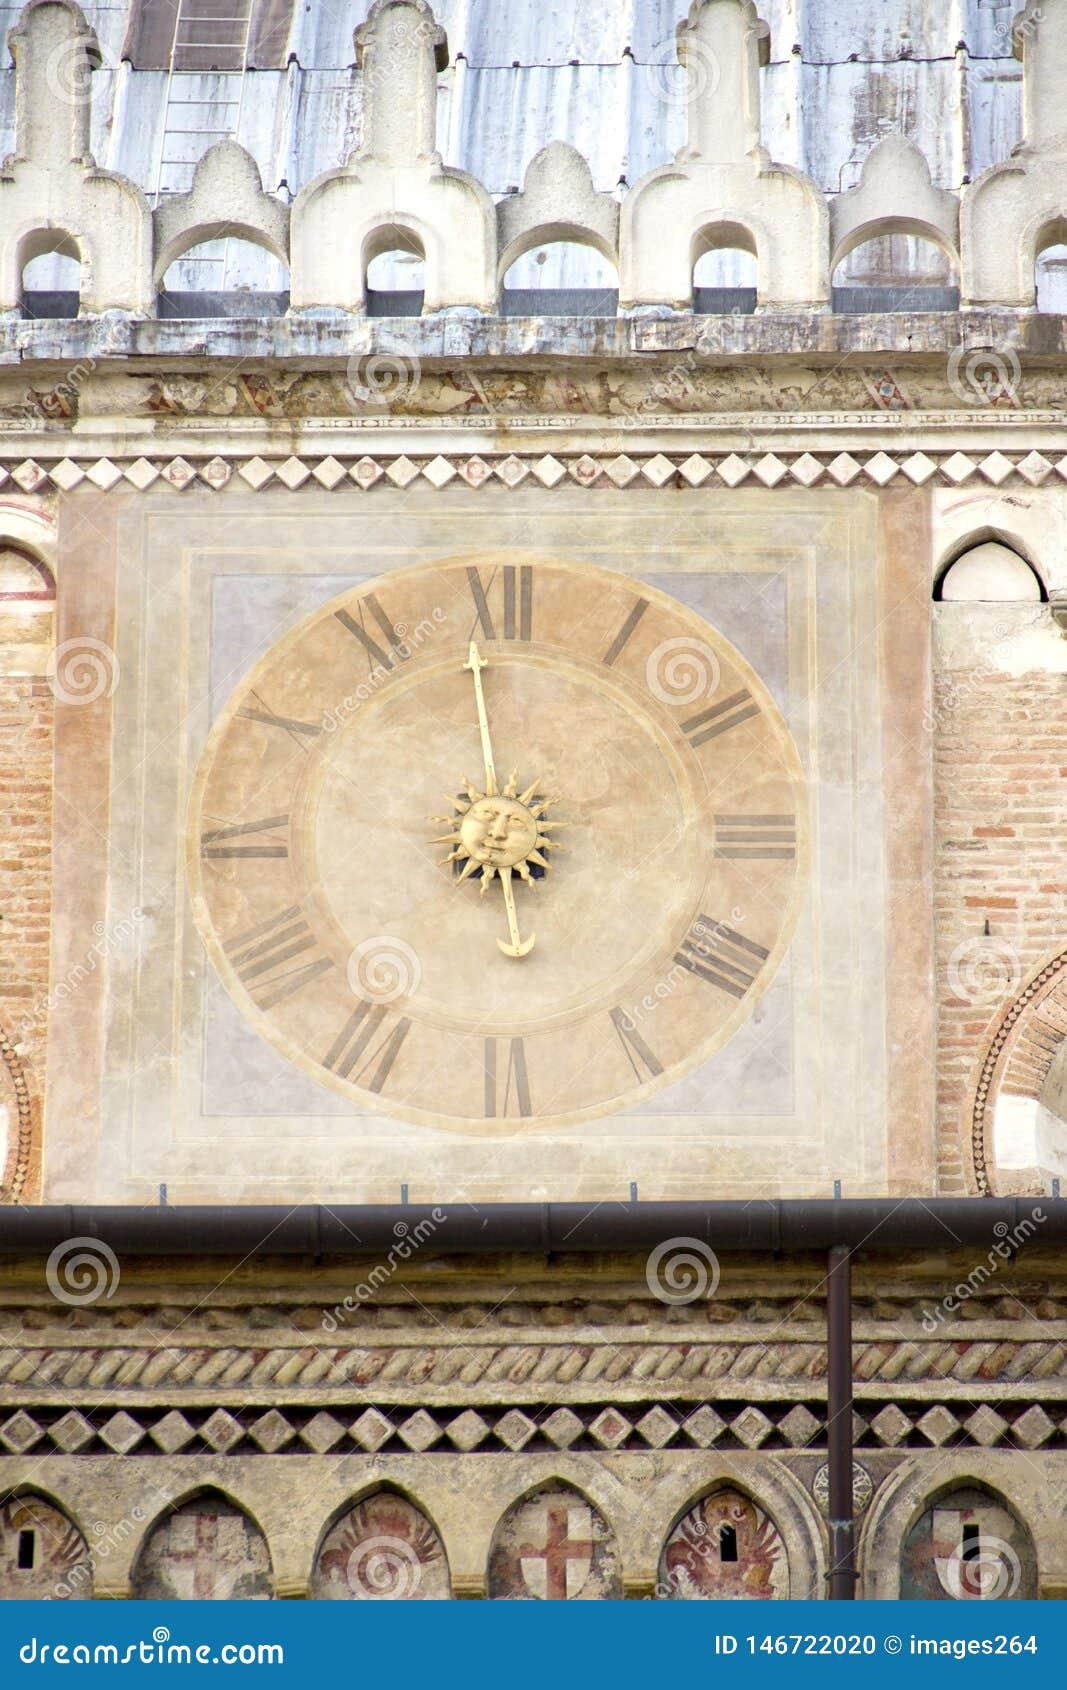 Ancient clock in Padua